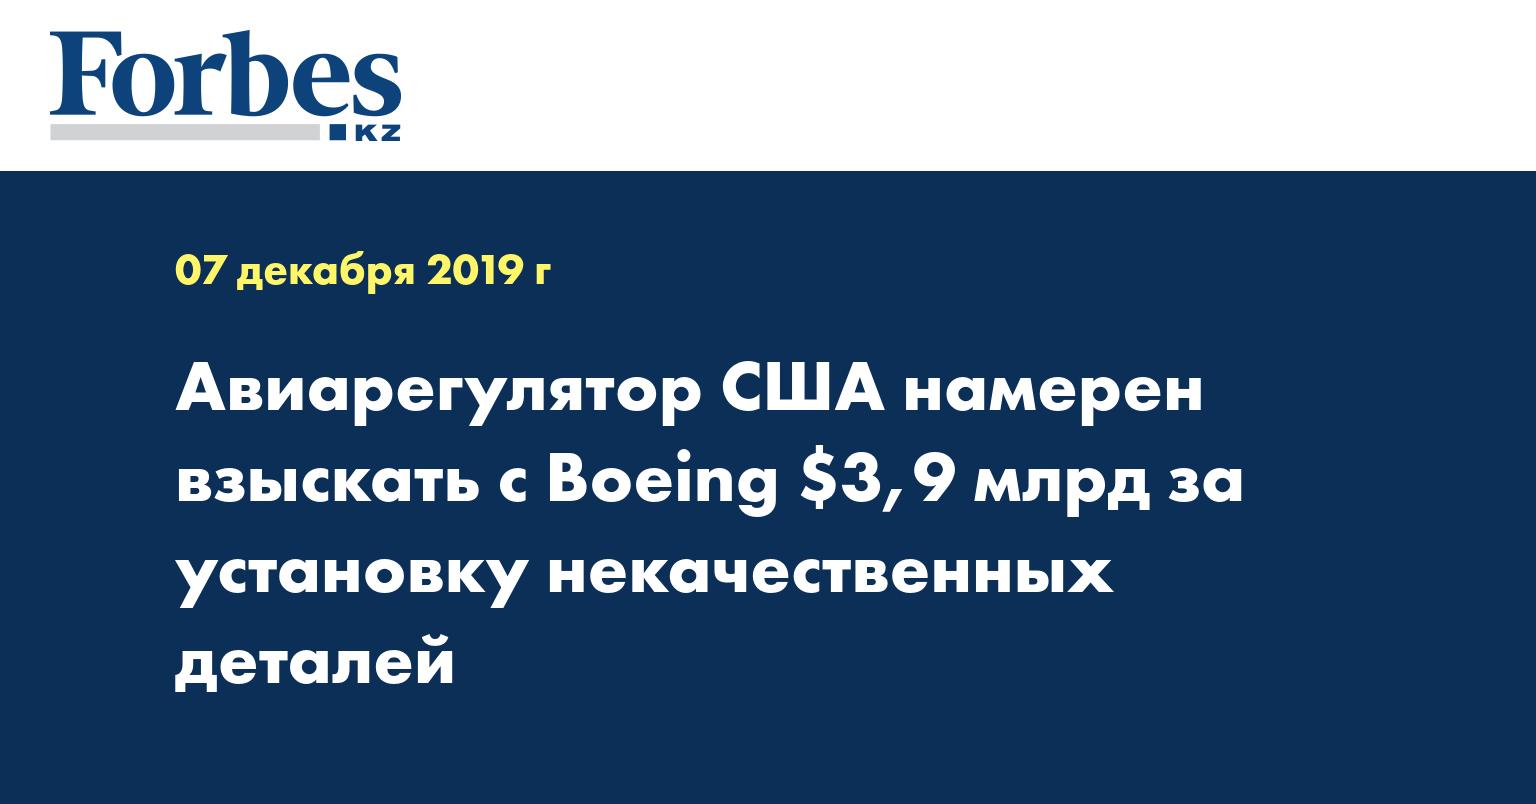 Авиарегулятор США намерен взыскать с Boeing $3,9 млрд за установку некачественных деталей